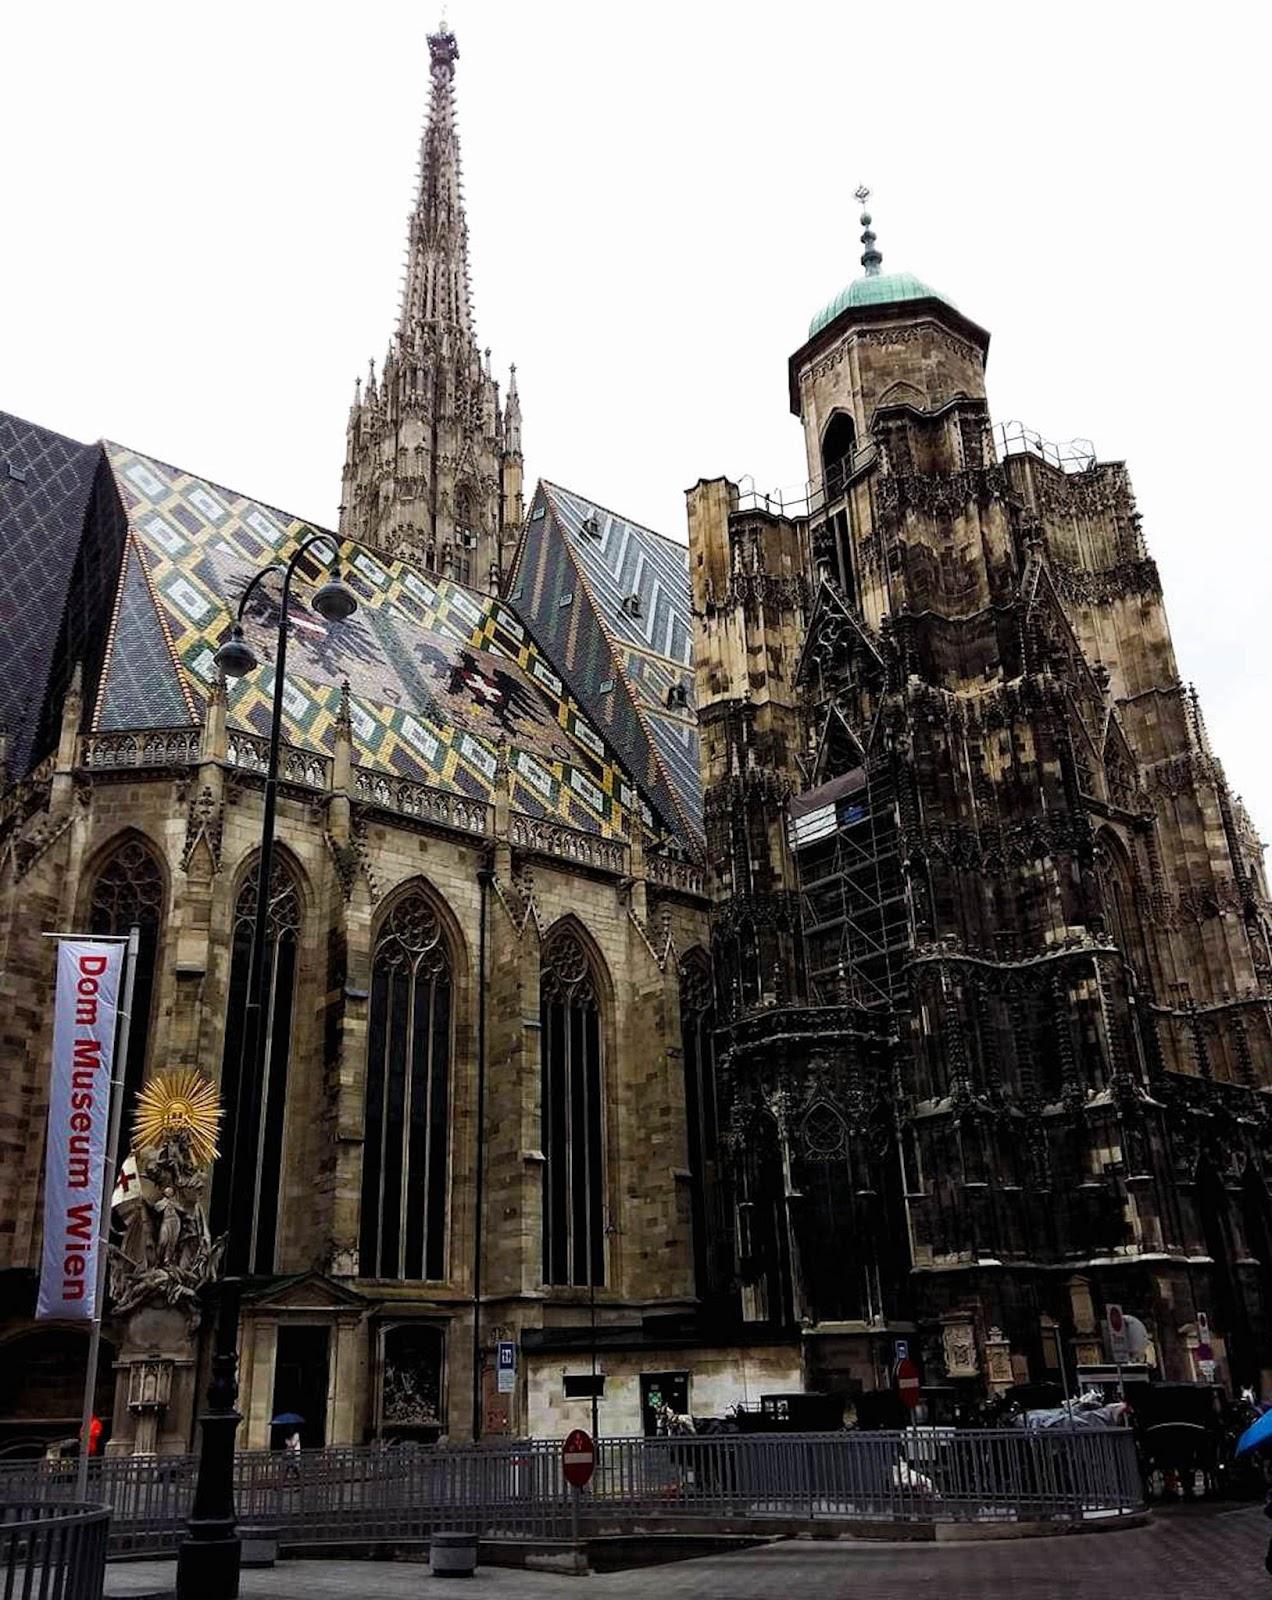 Wiedeń w jeden dzień, wycieczka do Wiednia, Wiedeń katedra św. Szczepana, katedra Szczepana Wiedeń